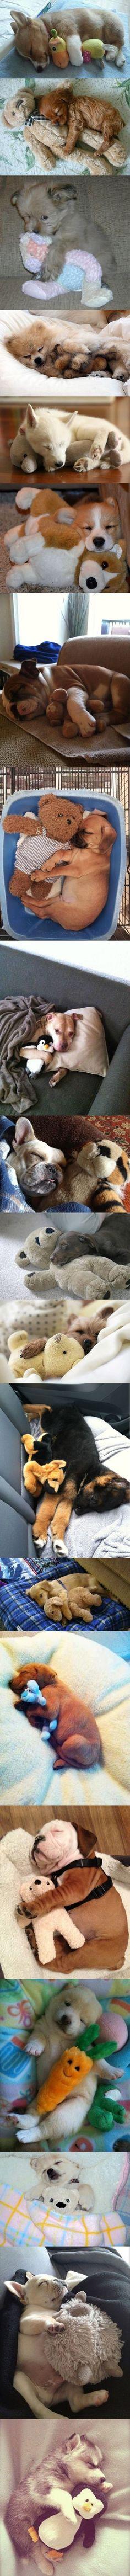 Puppies cuddling